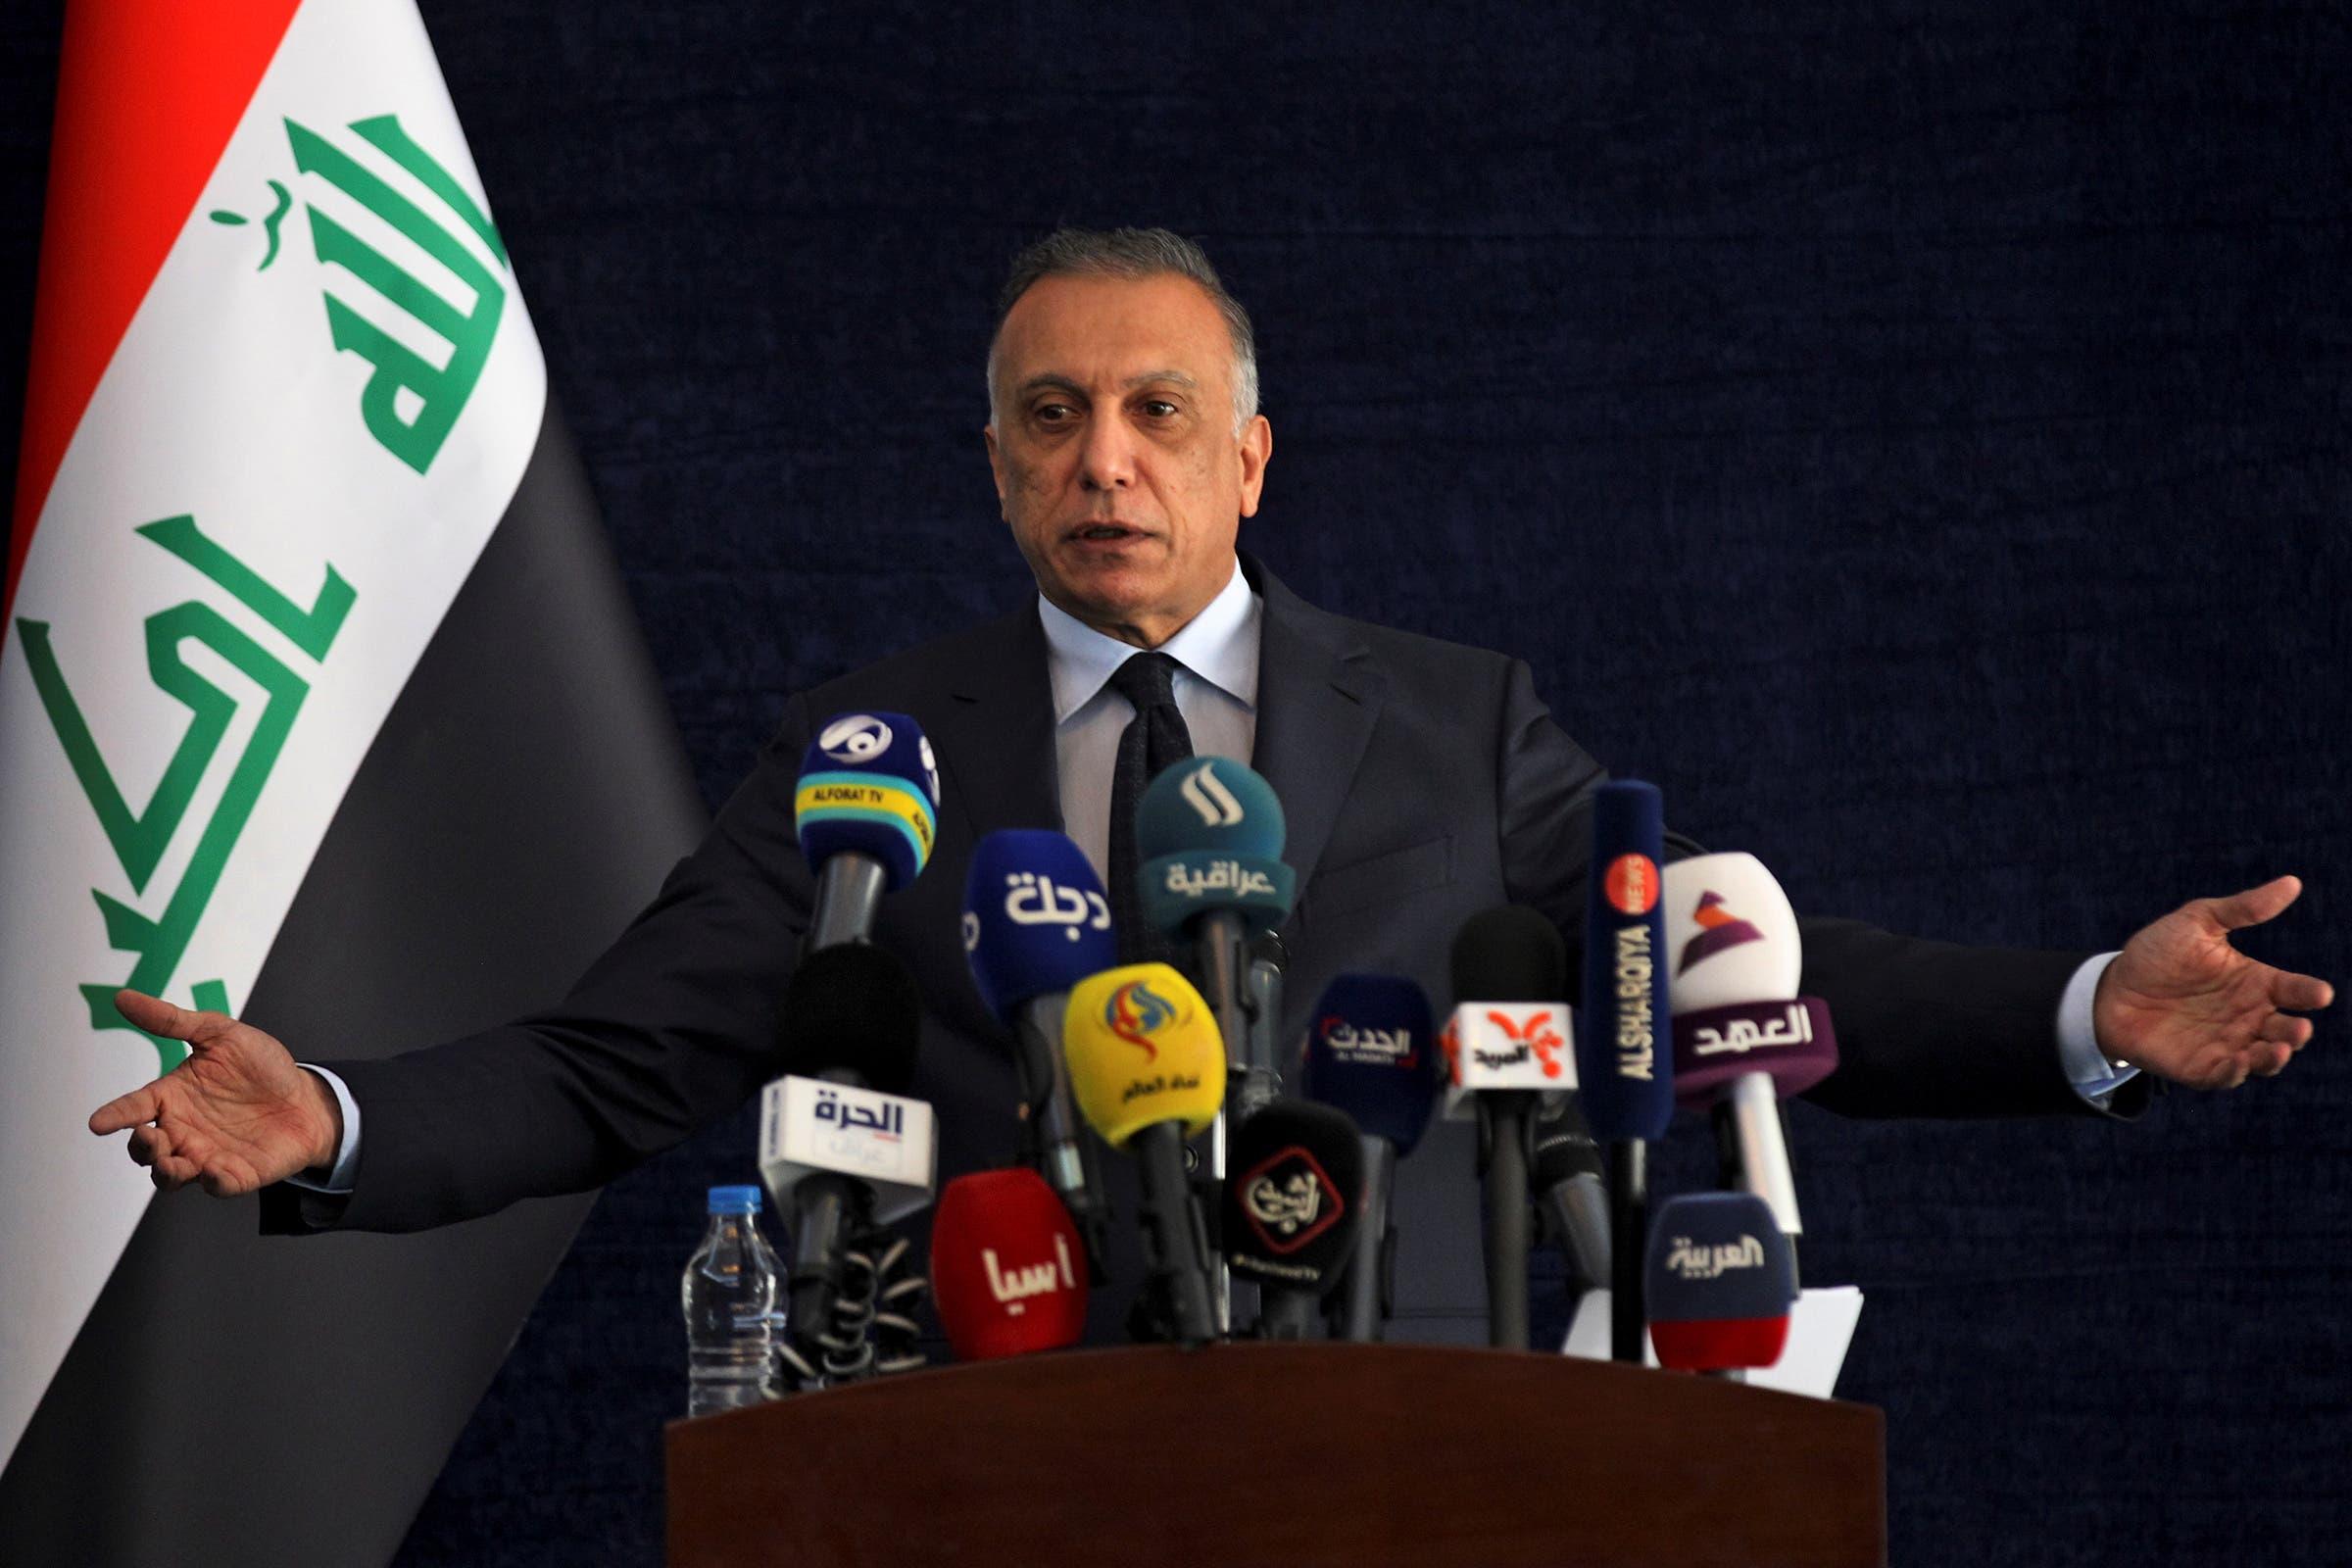 Iraqi Prime Minister Mustafa Al-Kadhimi speaks during a news conference in Basra, Iraq, July 15, 2020. (Reuters)